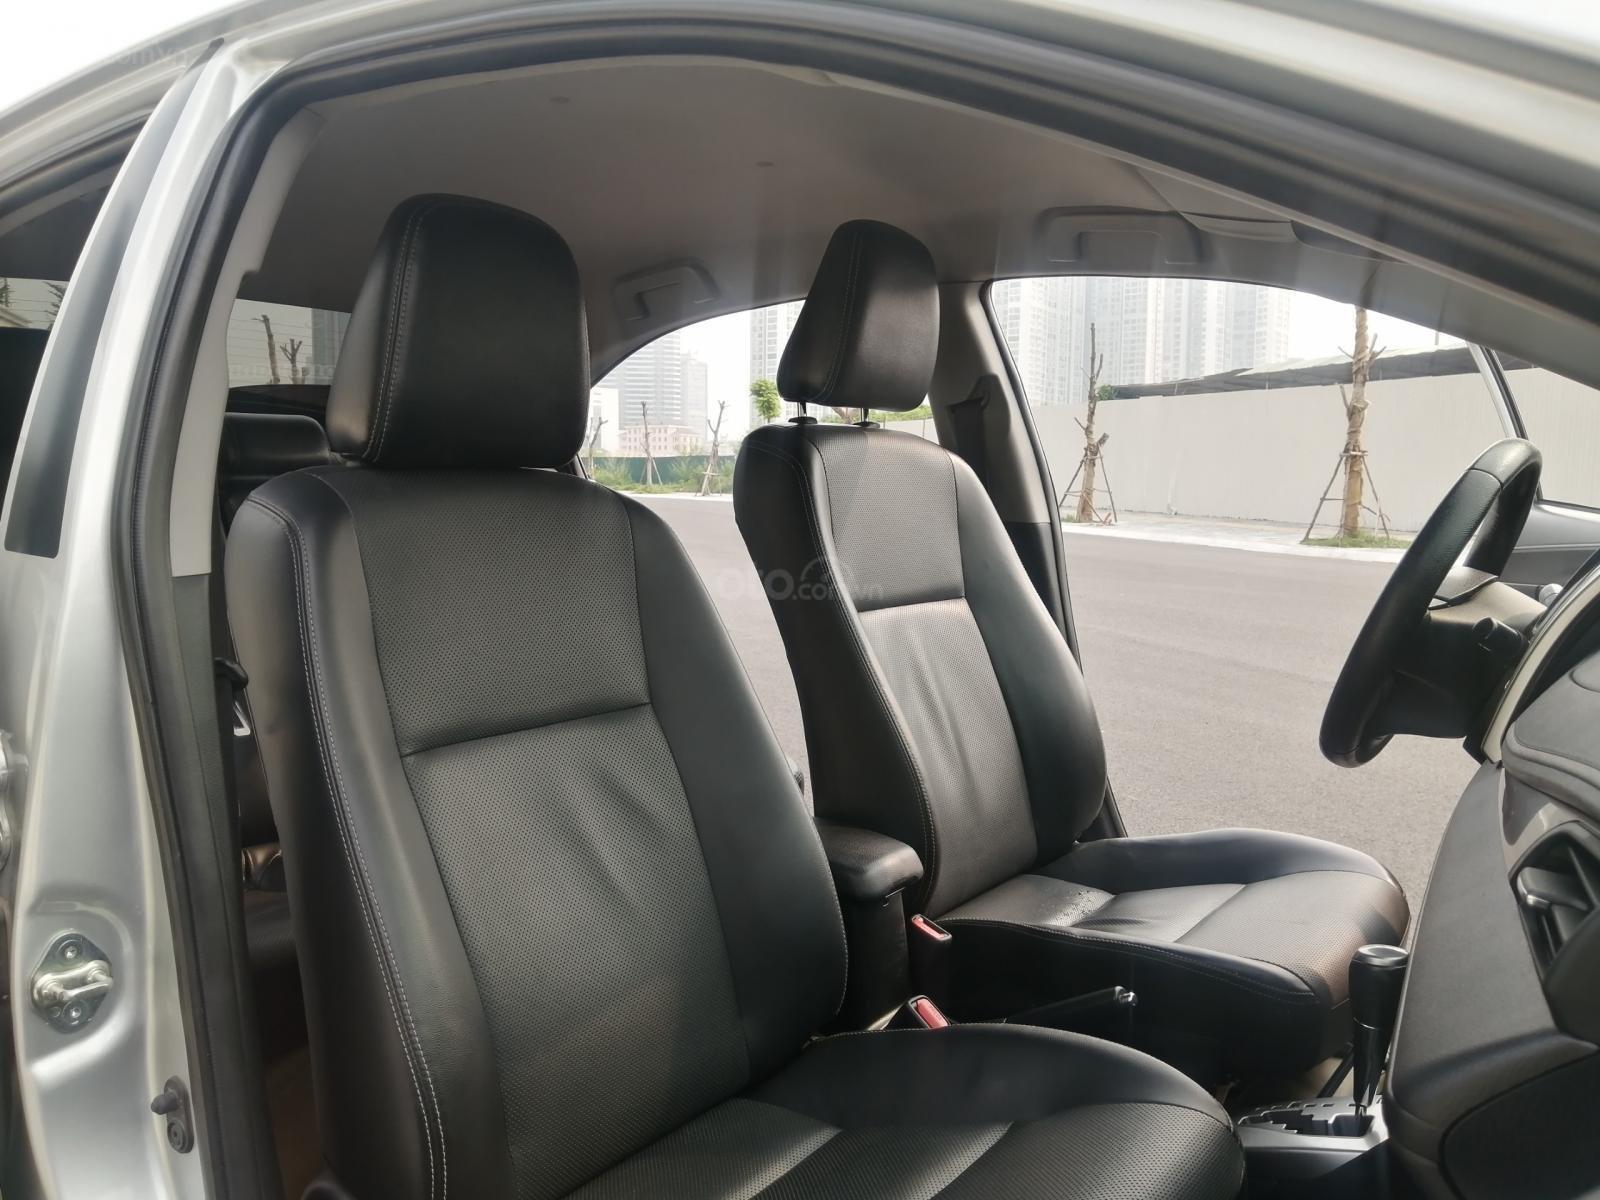 Toyota Mỹ Đình - trung tâm xe đã qua sử dụng - cần bán Toyota Vios đời 2014, 419tr (13)